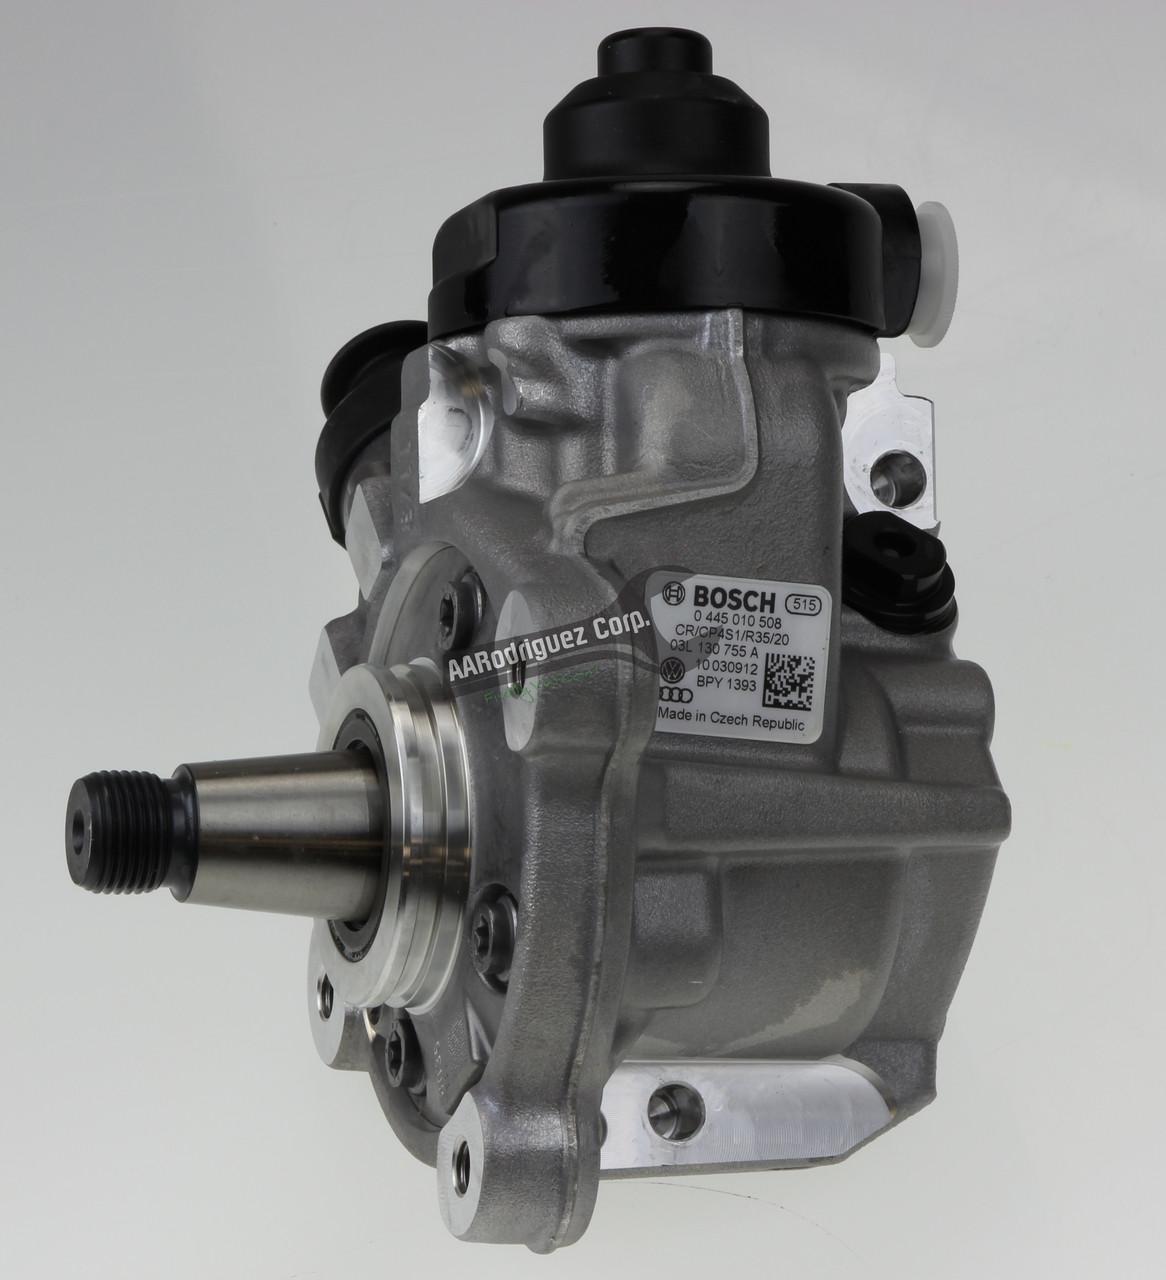 VW CR TDI High Pressure Fuel Pump (NEW) - HPFP Bosch - 03L130851A /  03L130755A (AAR1904)